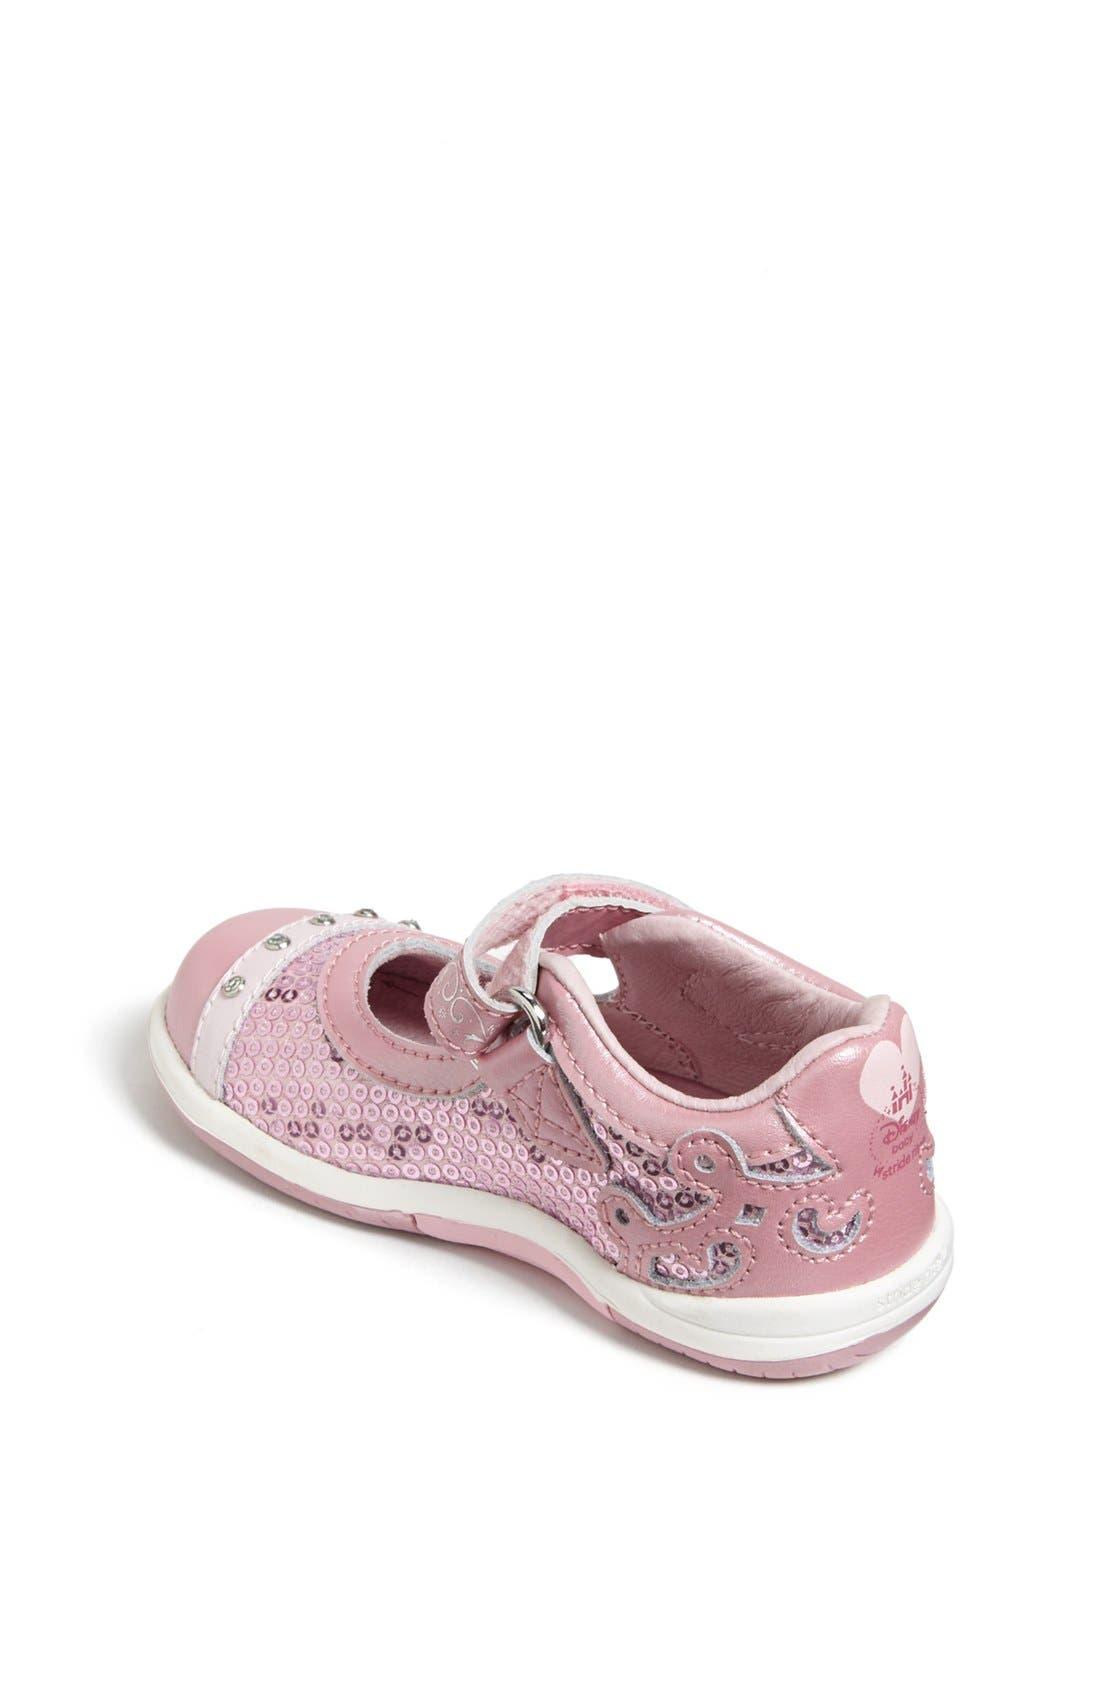 Alternate Image 2  - Stride Rite 'SRT Aurora' Mary Jane Sneaker (Baby, Walker & Toddler)